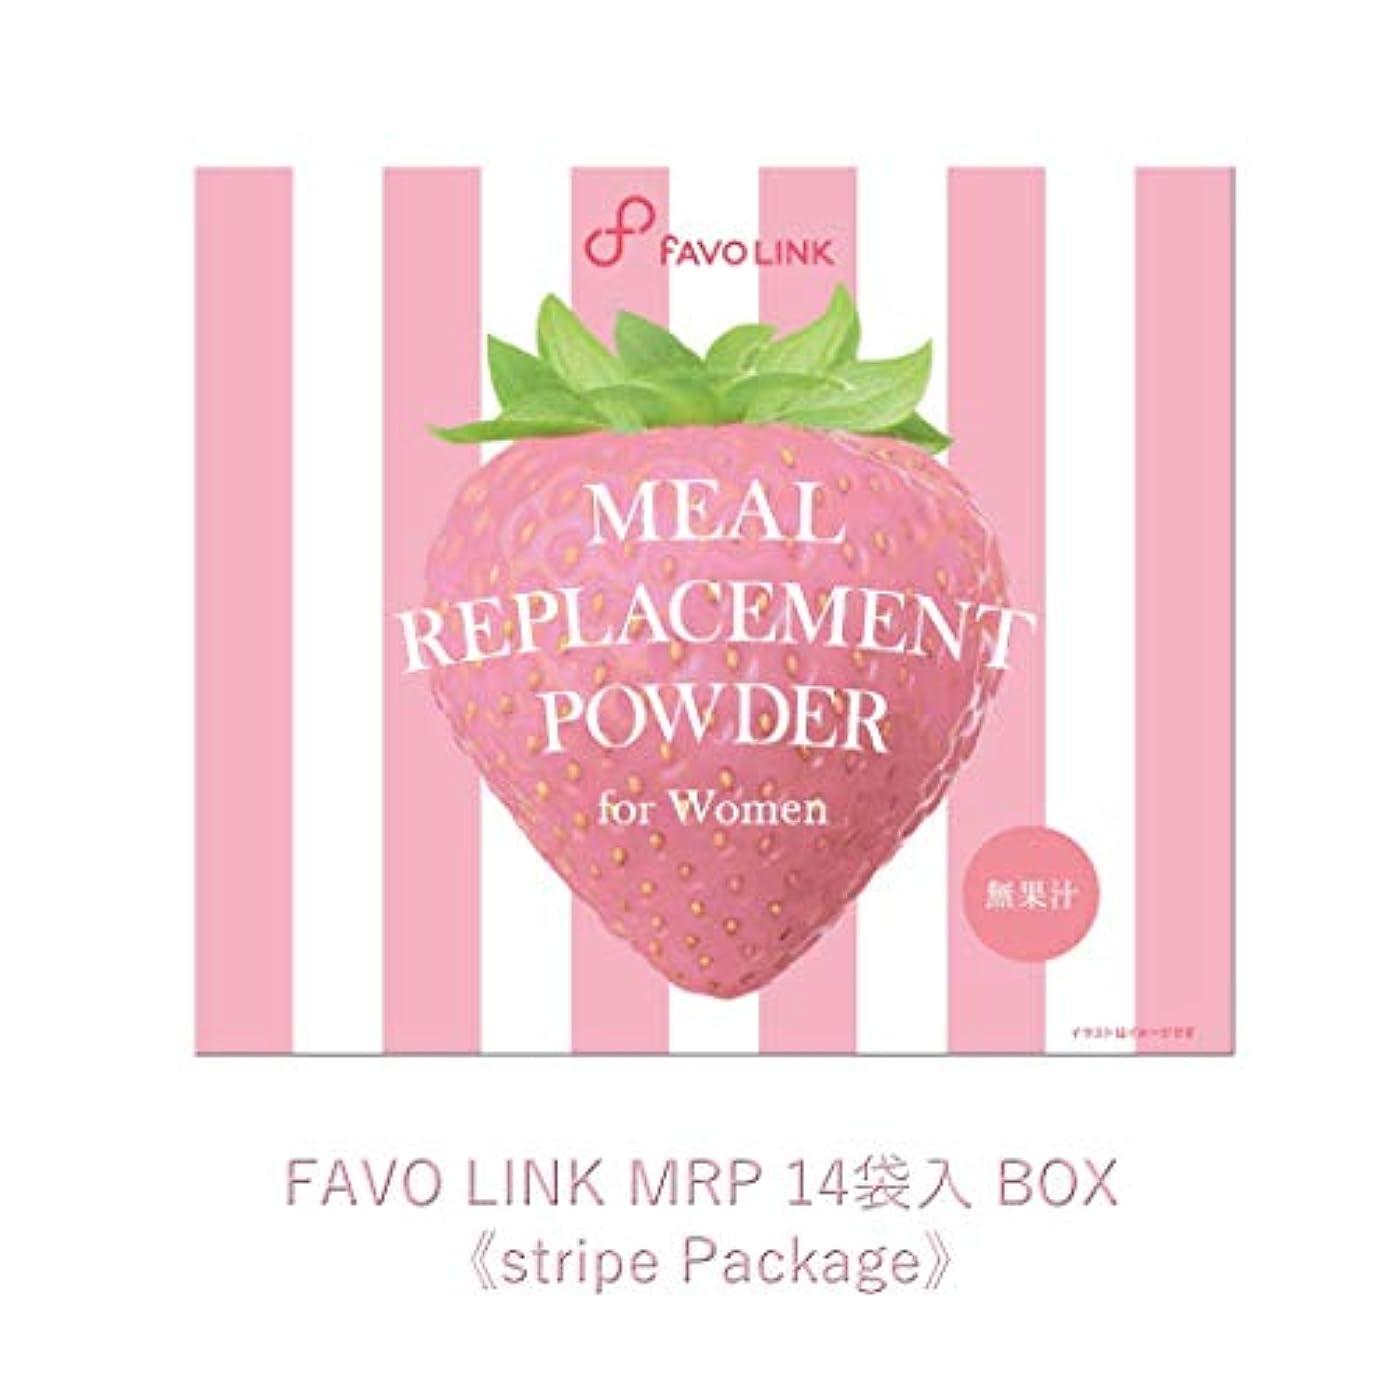 代表する代表する橋FAVO LINK MRP 14袋入 BOX 《Stripe Package》